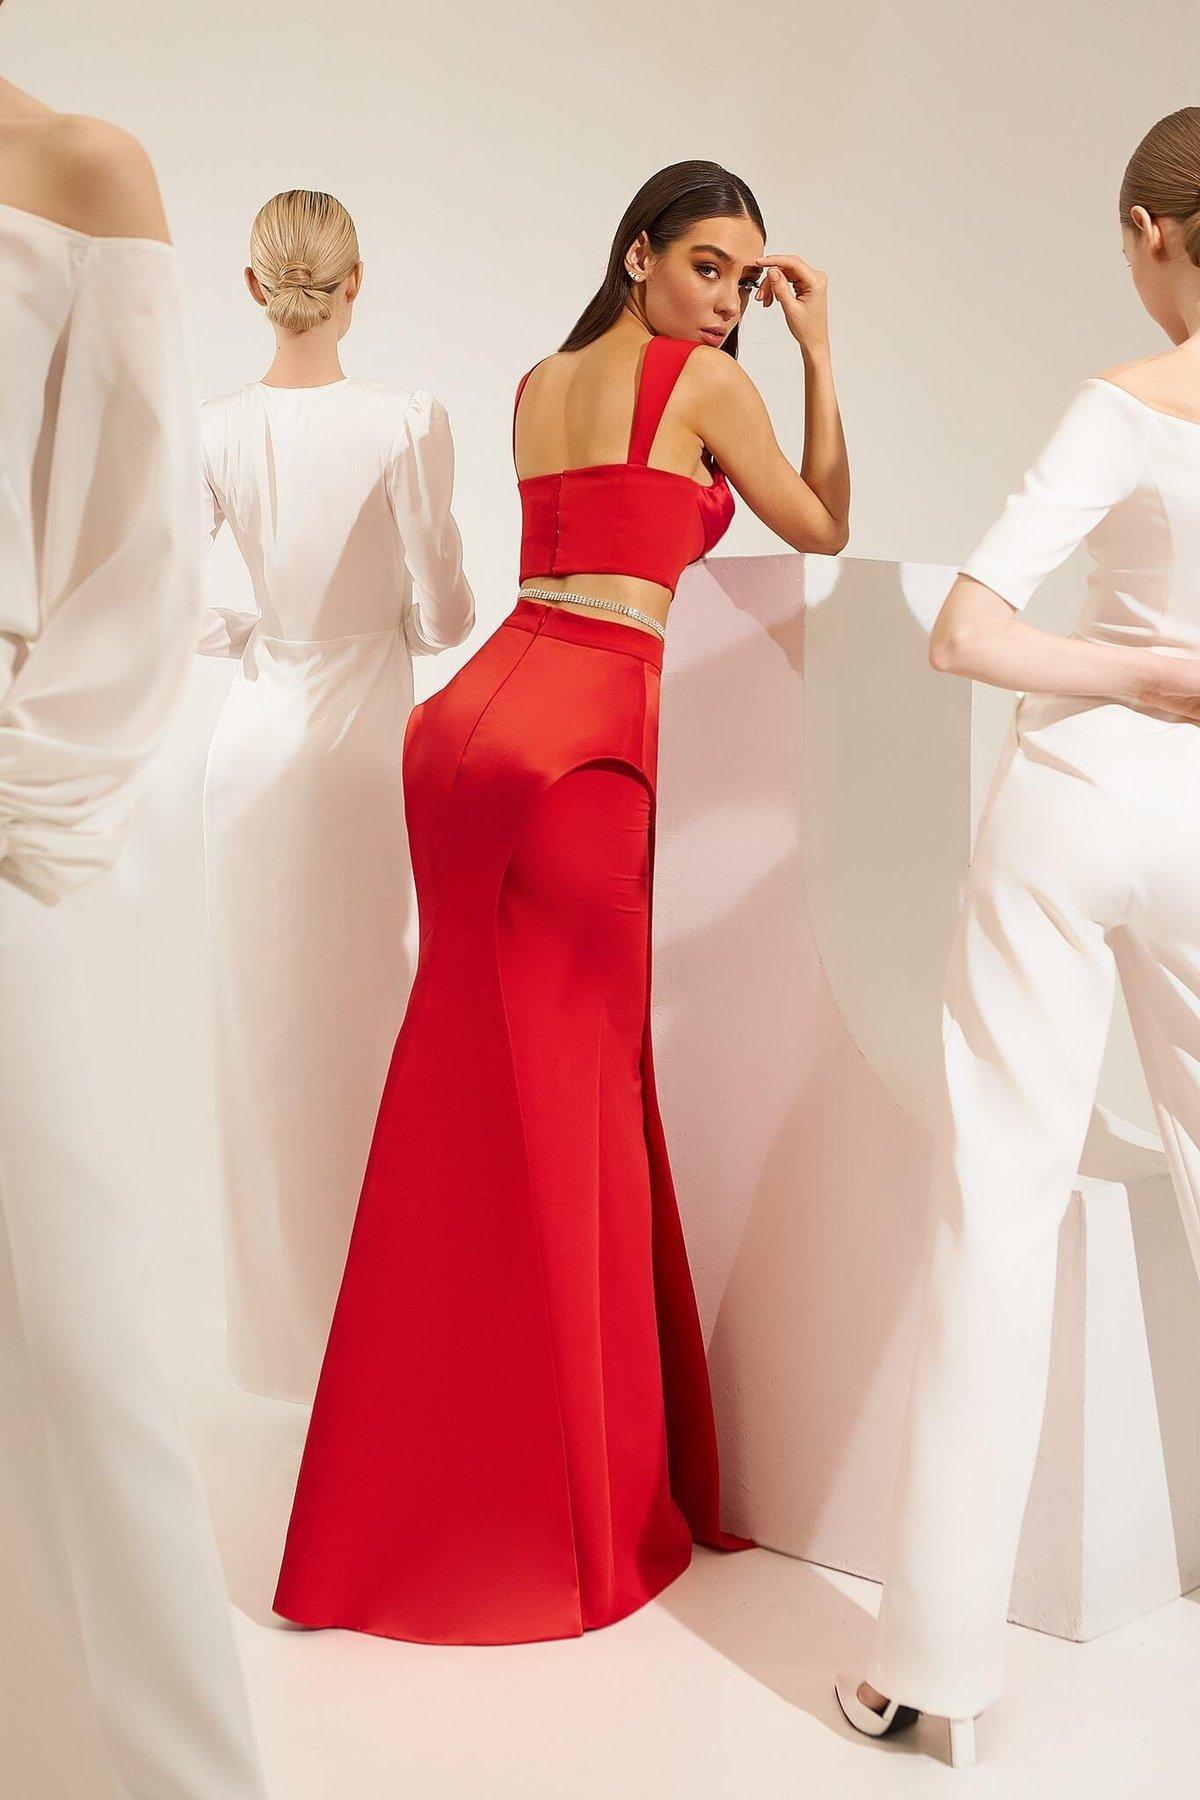 Top Mia, Mira skirt Red